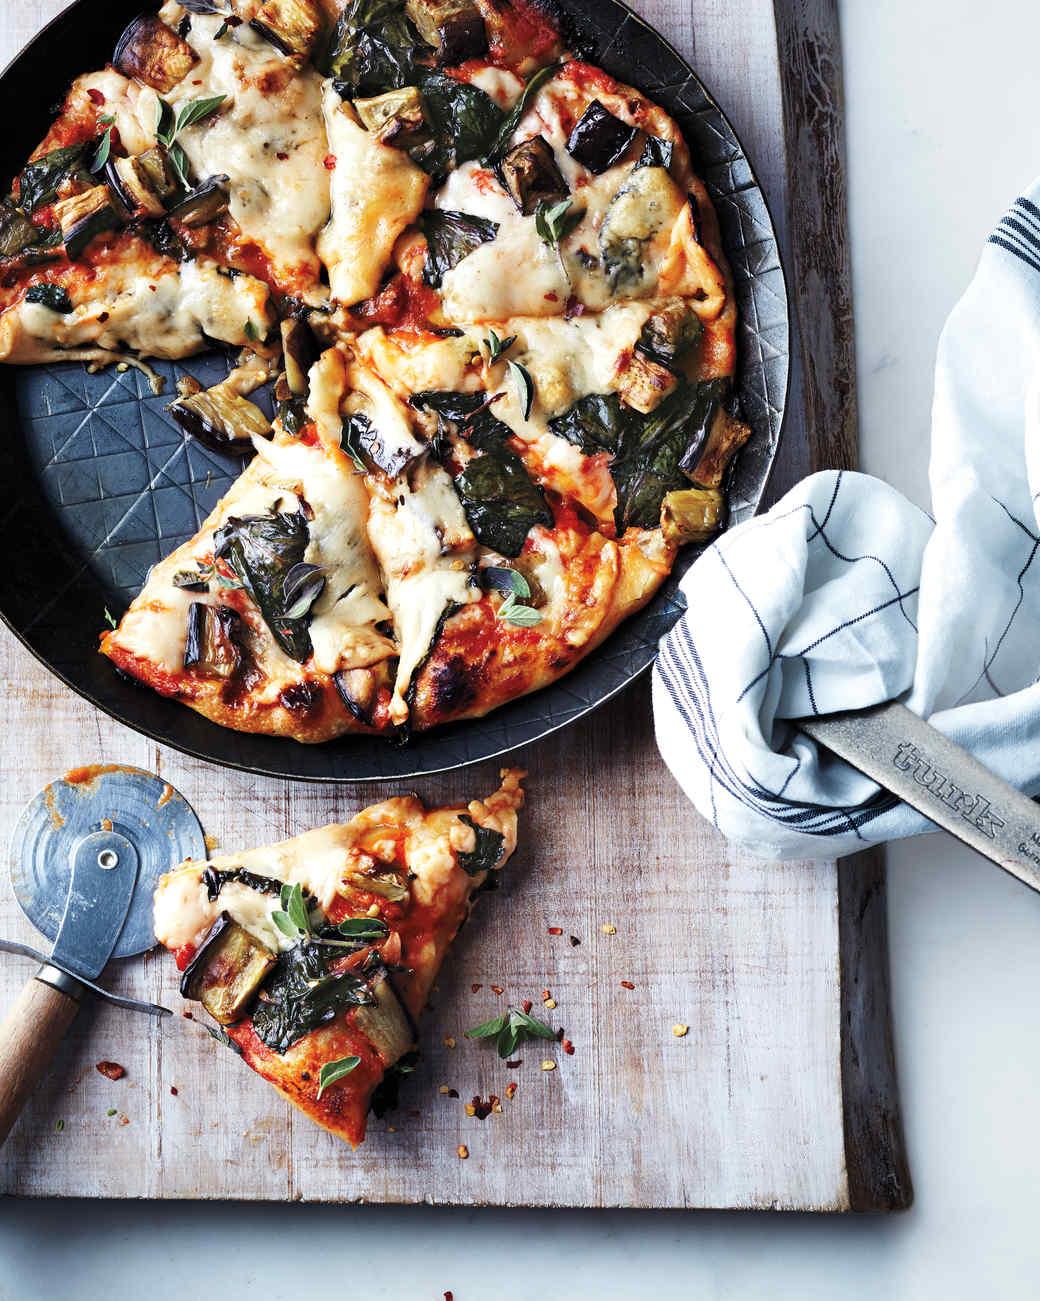 pizza-mozzarella-017-d111633_f.jpg